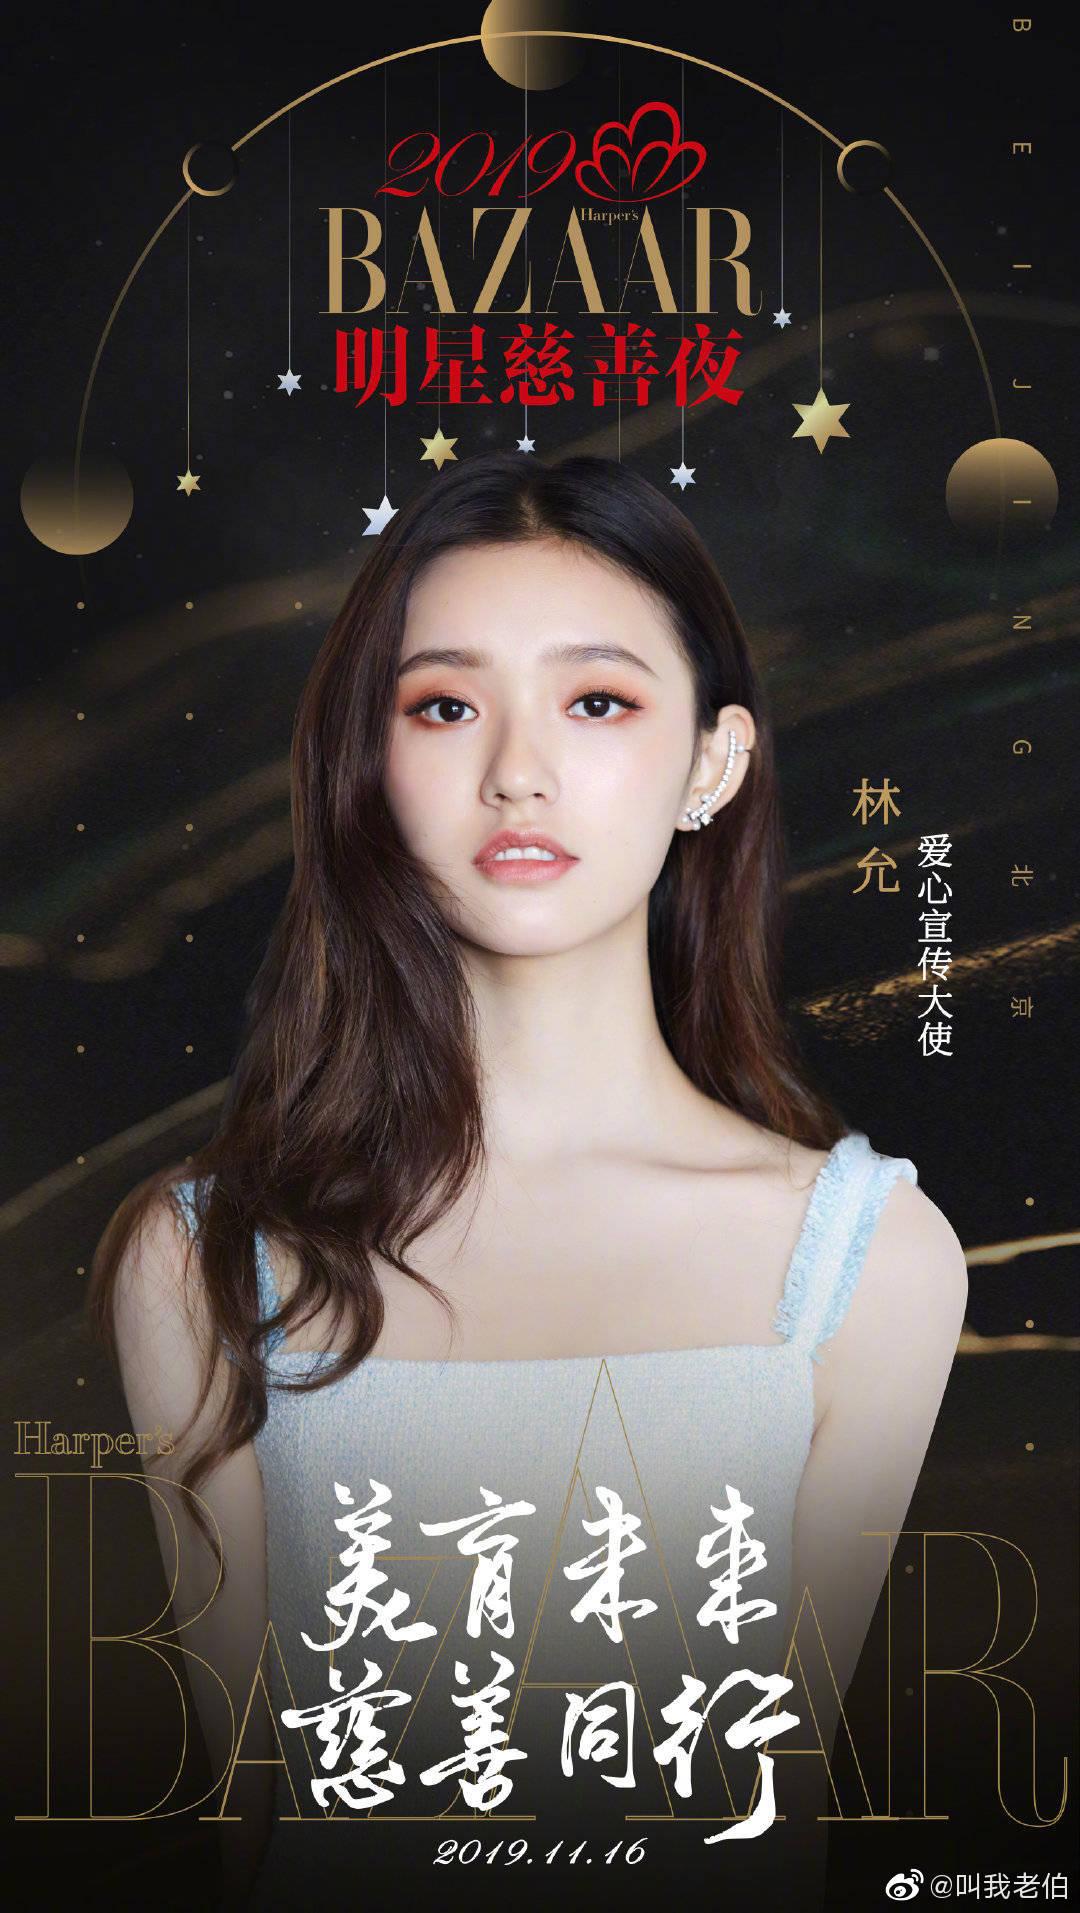 林允、倪妮、赵丽颖都要去芭莎慈善夜了,又名:冯绍峰和他的女人们